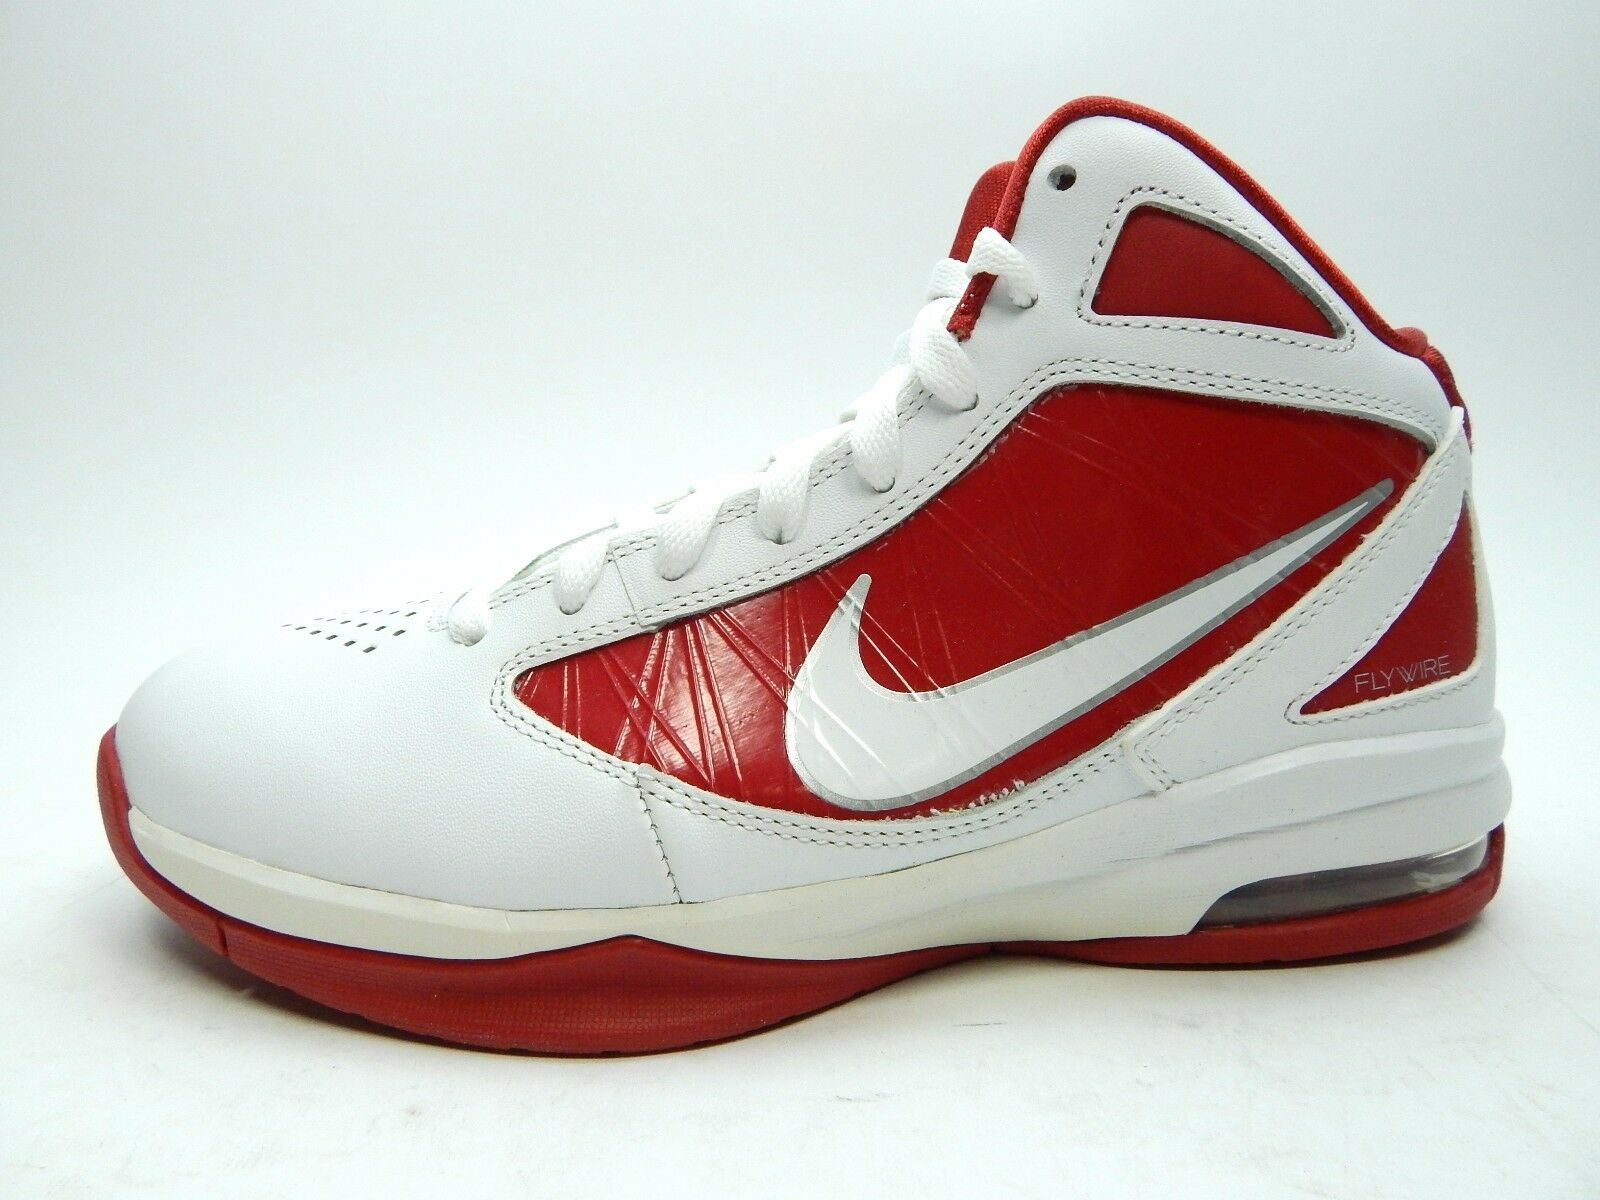 Nike air mängeln max schicksal tb mit mängeln air weiße uni roten männer schuhe sz 7 & 7.5 dae809